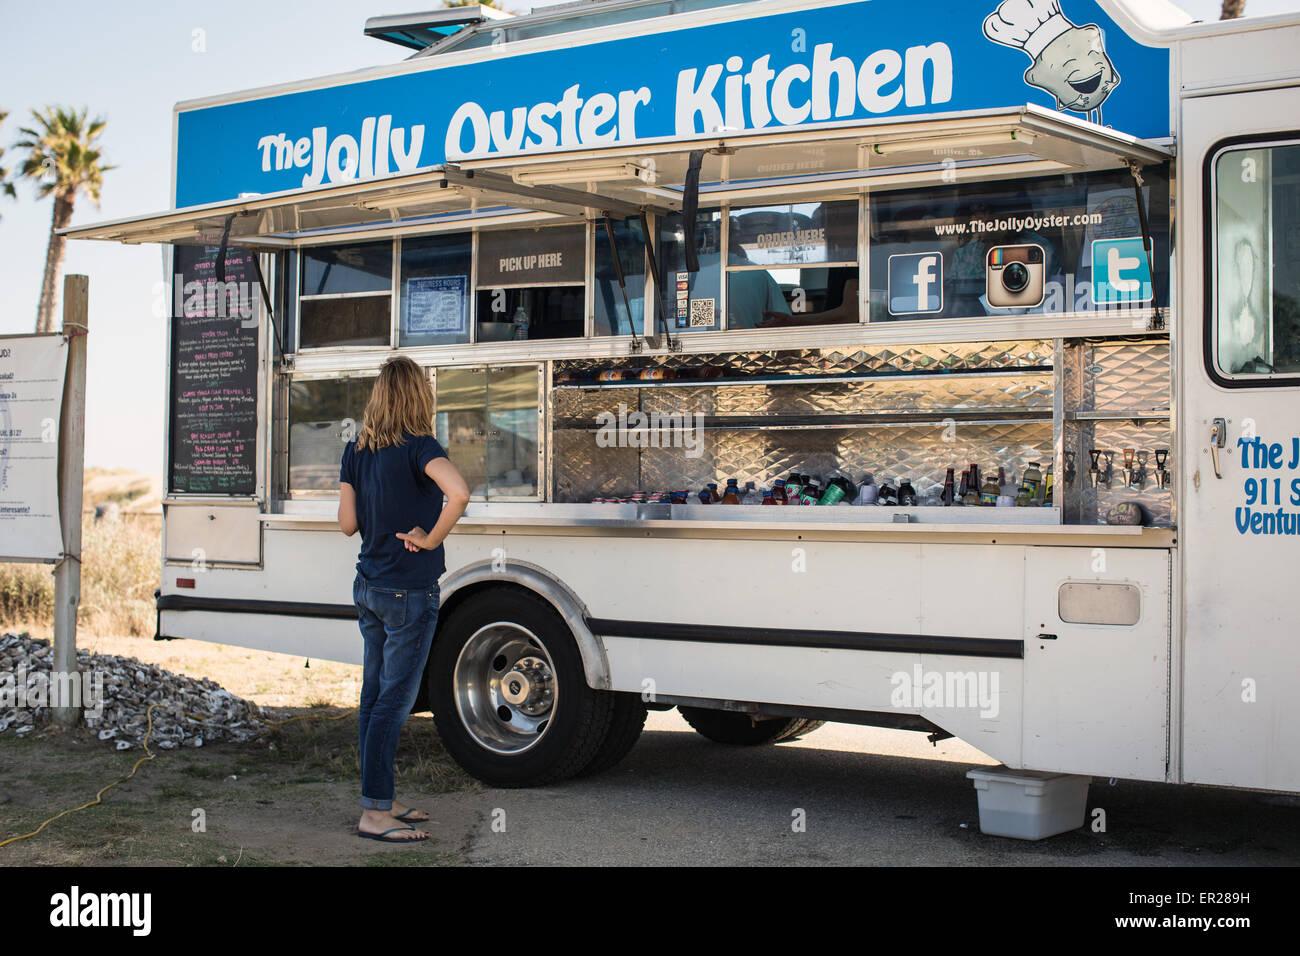 Il Jolly Oyster carrello alimentare al San Buenaventura membro spiaggia di Ventura, California. Immagini Stock